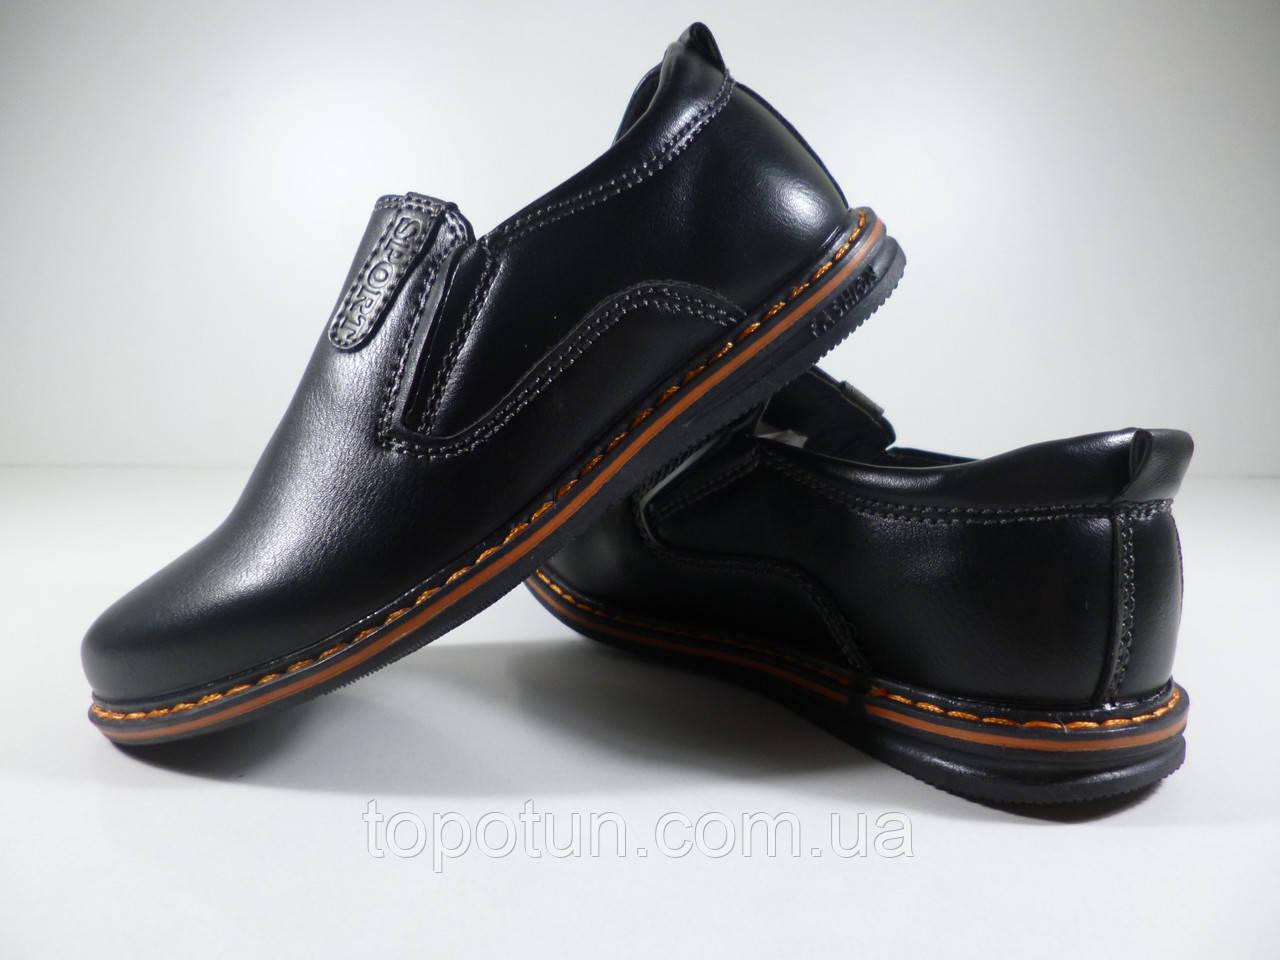 a7292157b Школьные туфли для мальчика Kellaifeng Размер: 27,28,30,32, цена 350 ...